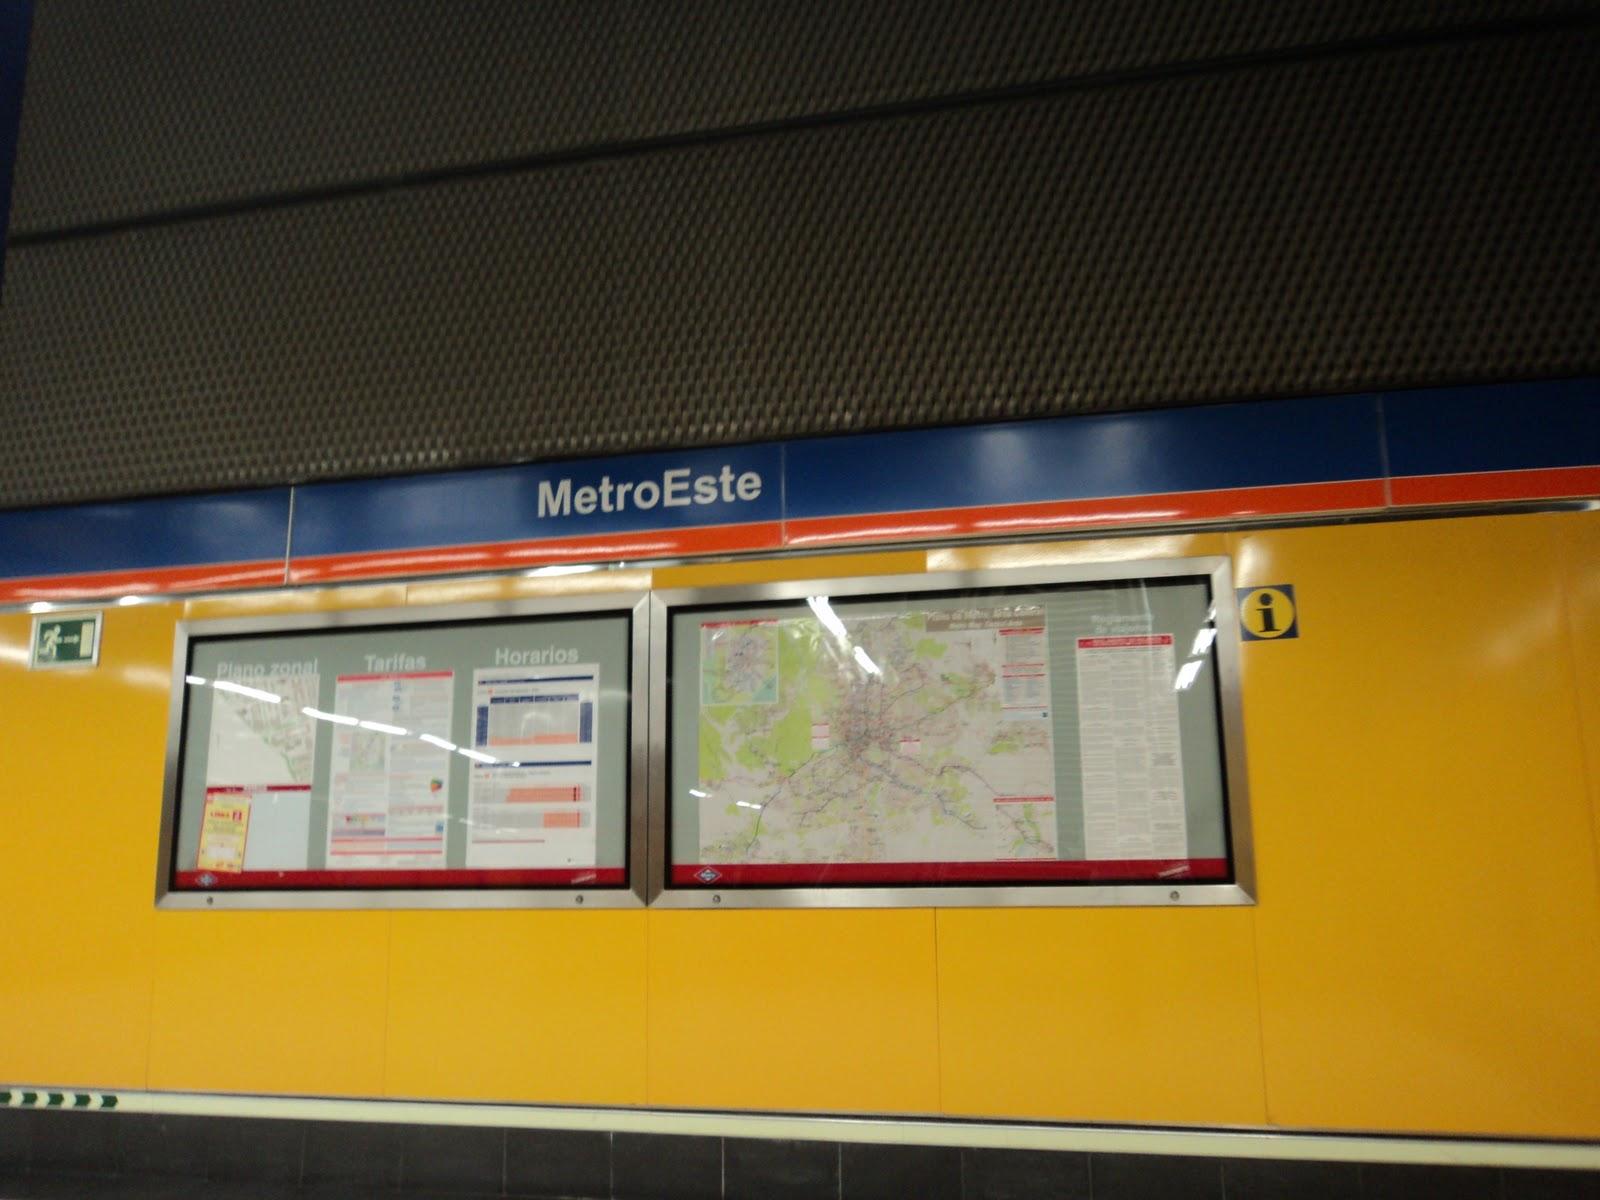 Todo el MetroEste permanecerá cerrado durante unos días